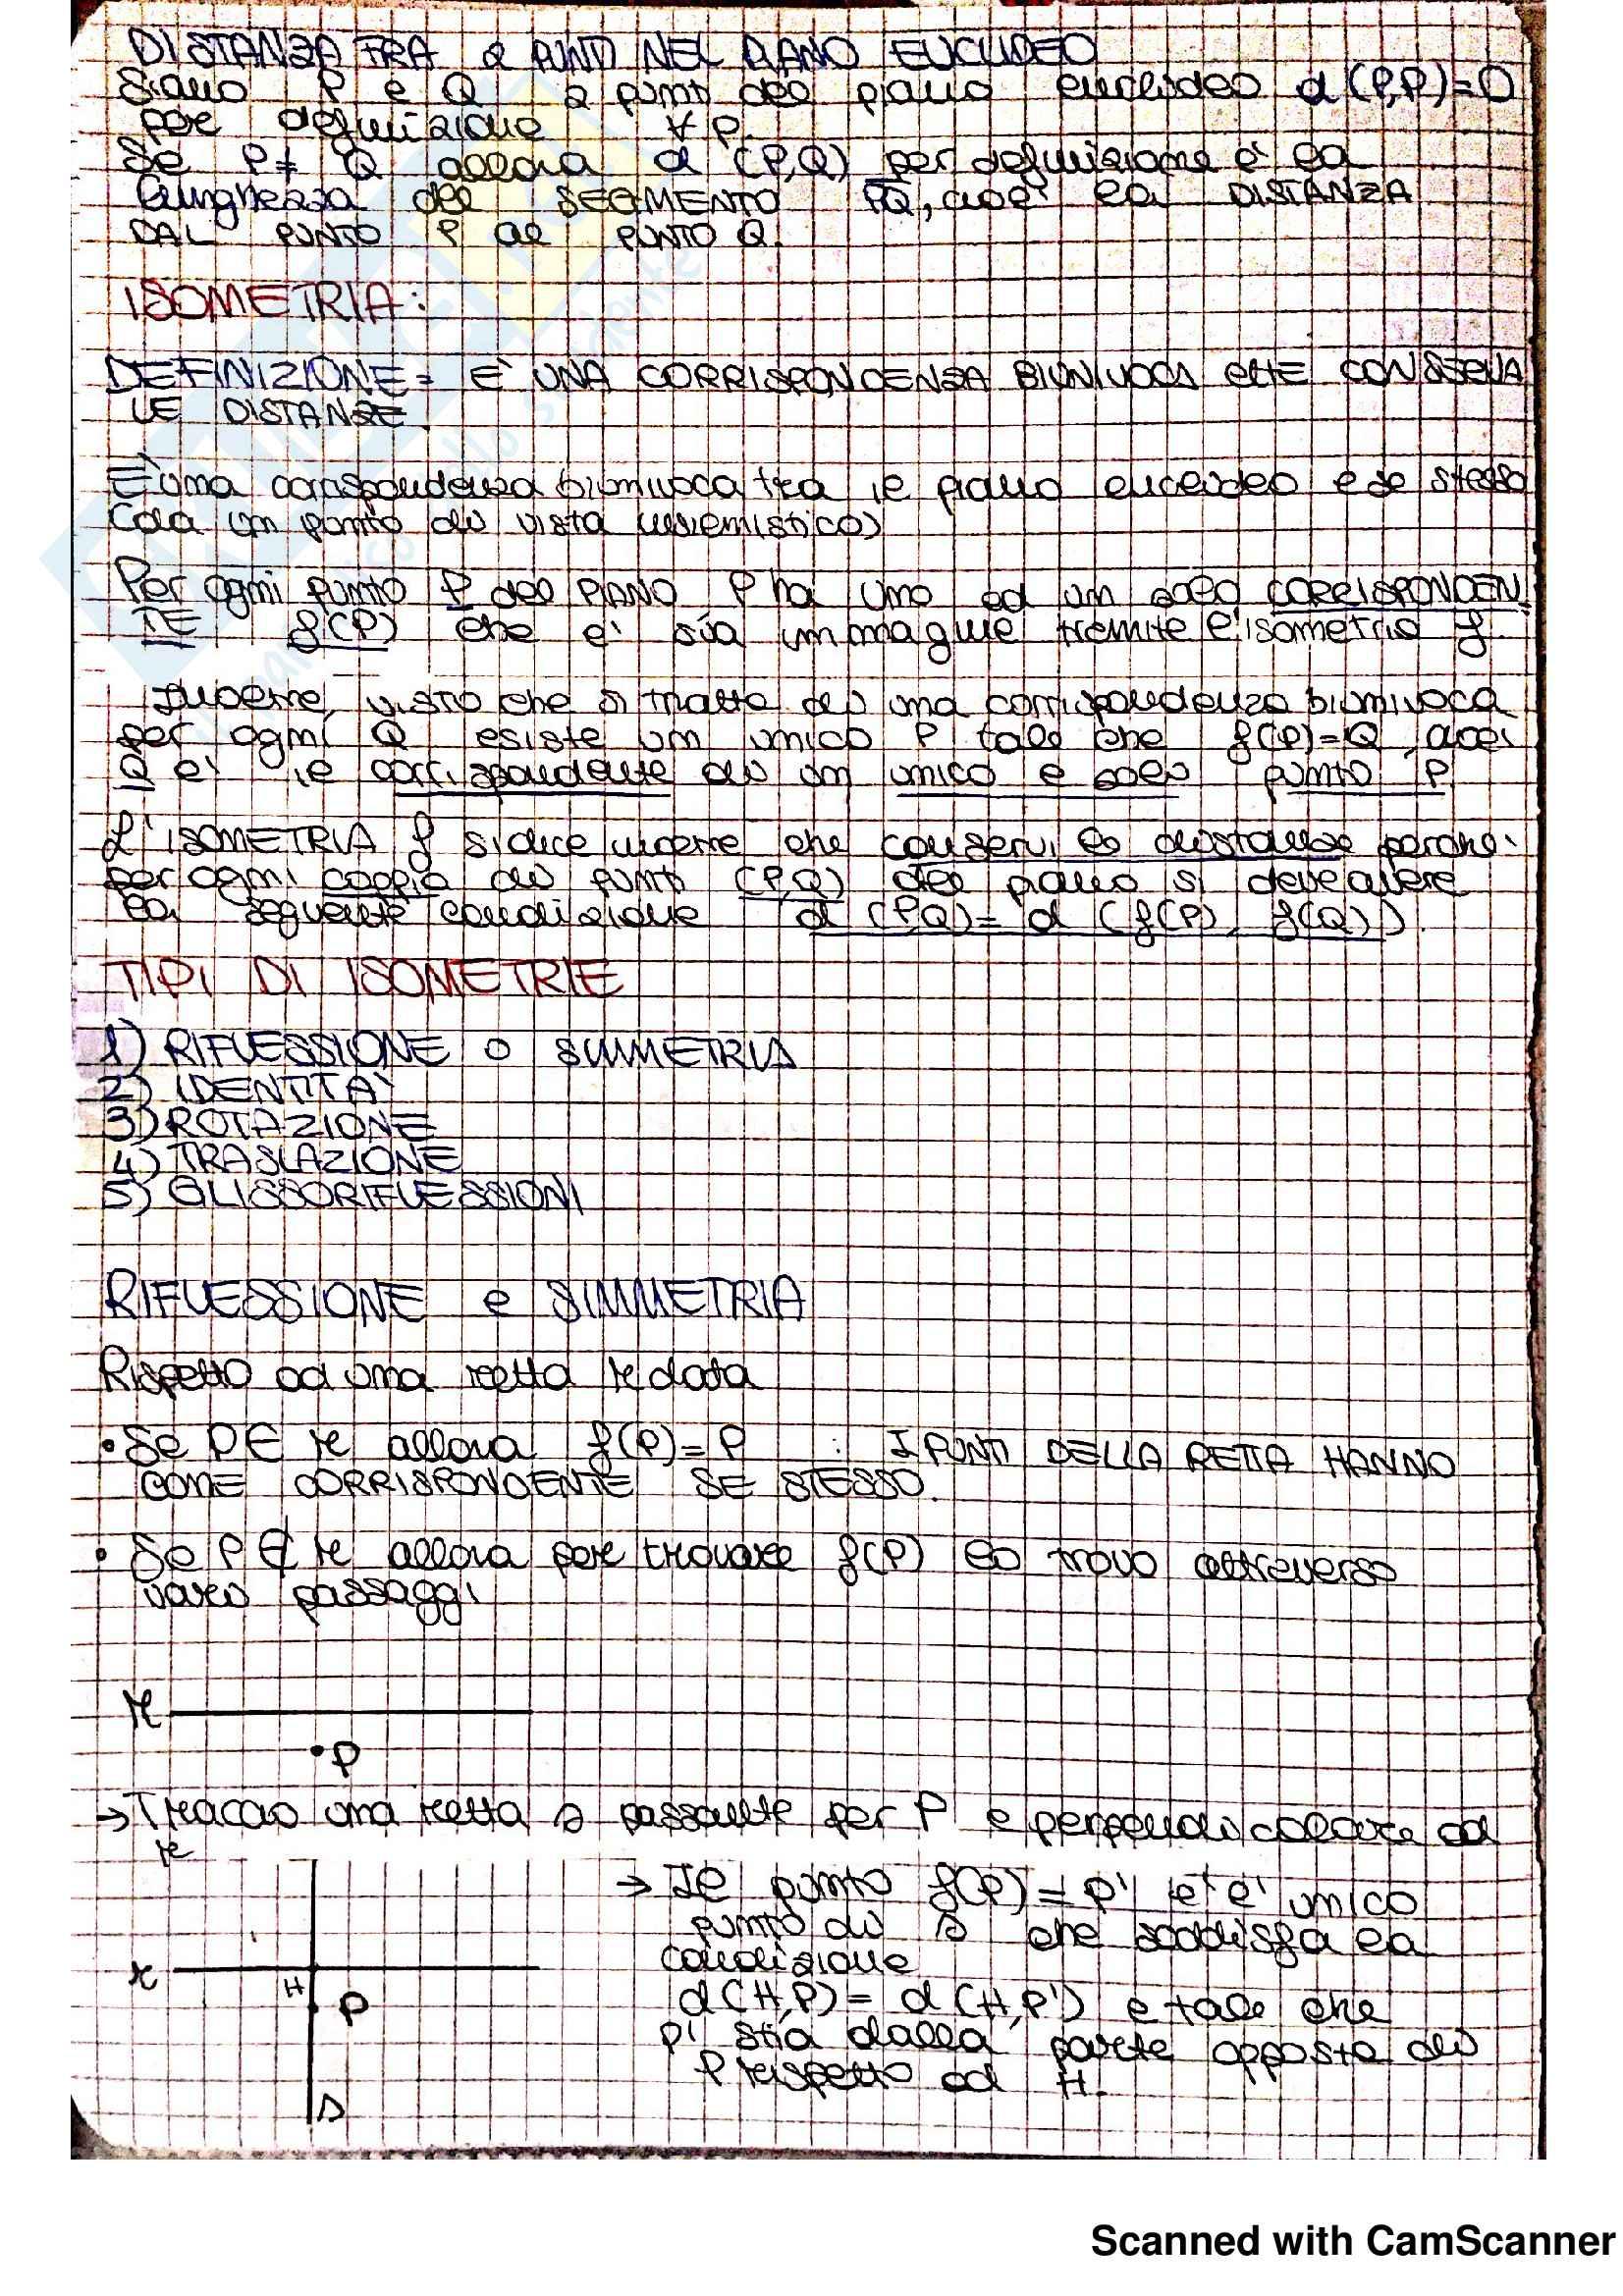 Appunti ed Esercizi Matematica per la formazione di base (II): Trasformazioni geometriche (isometrie), Simmetrie delle figure piane Pag. 2